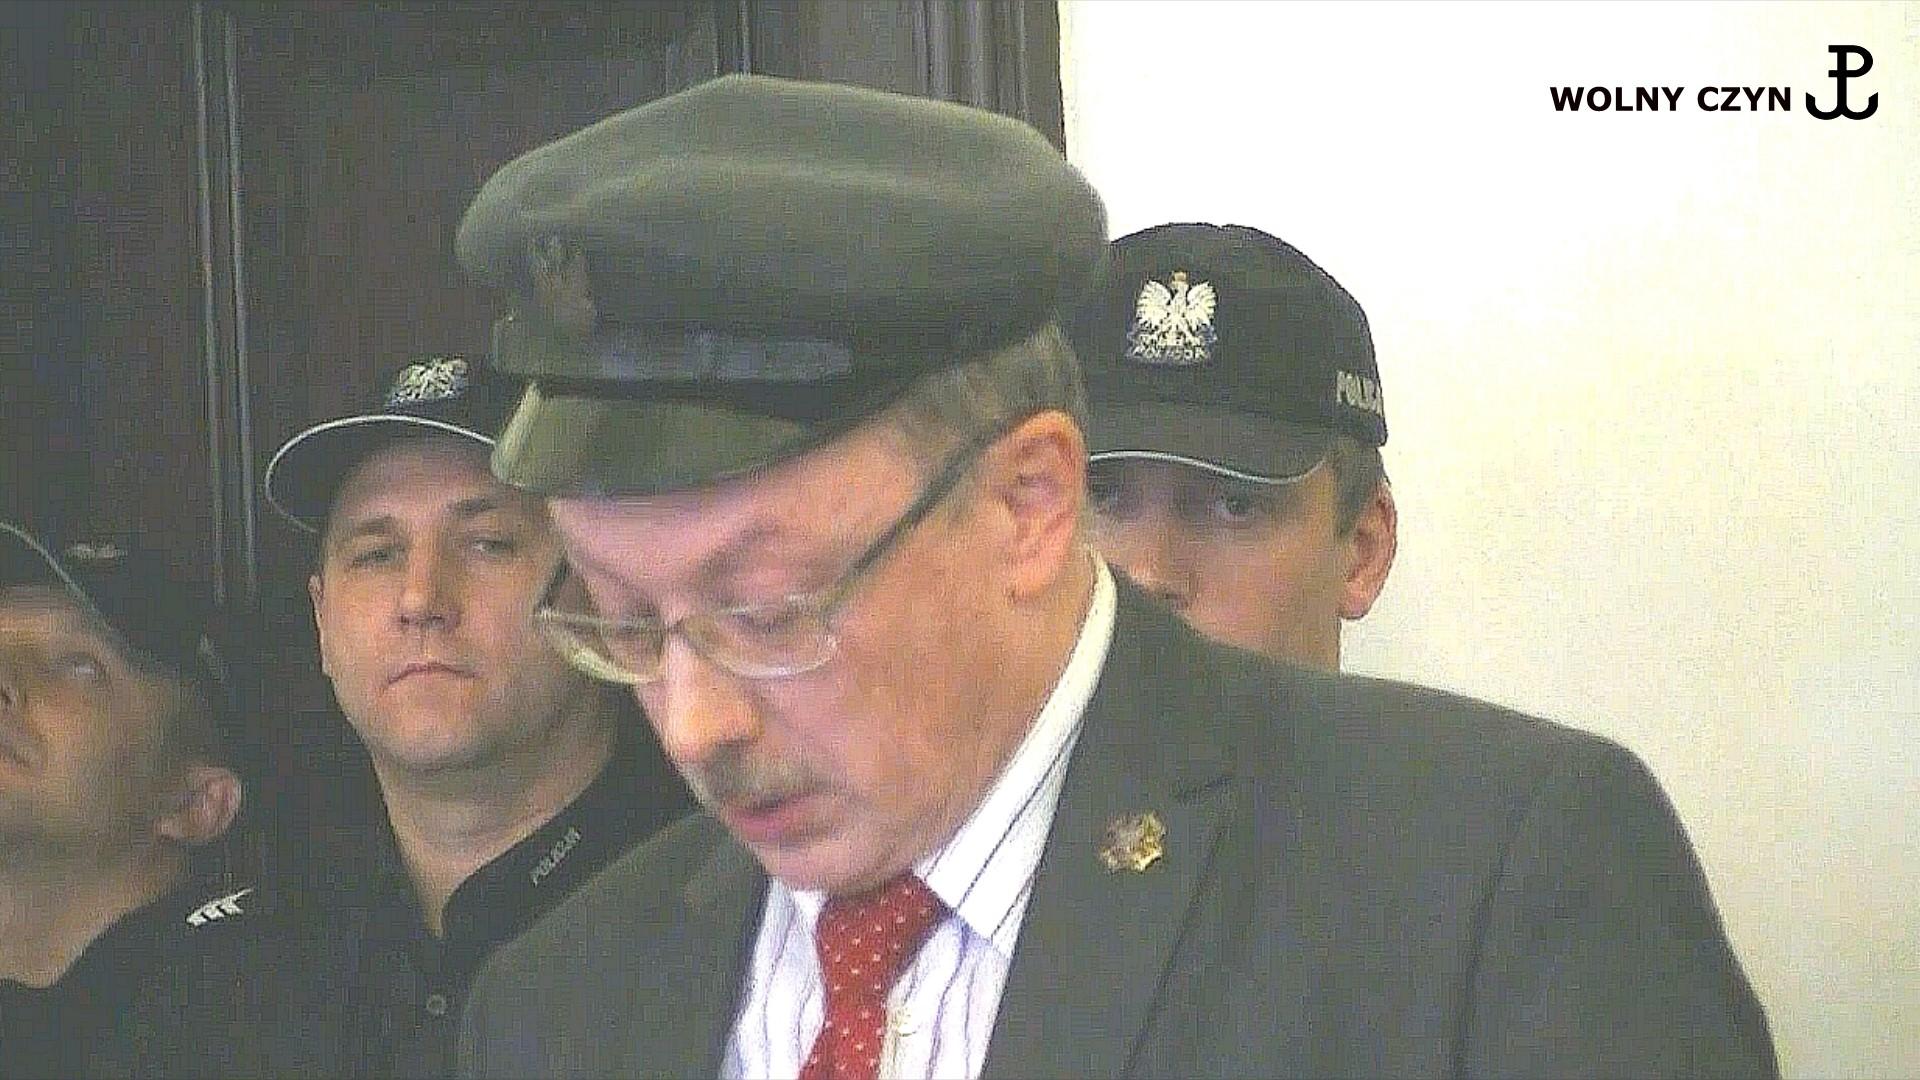 WOLNY CZYN: 6 listopada, Bytom: proces o brak szacunku dla rasy panów II